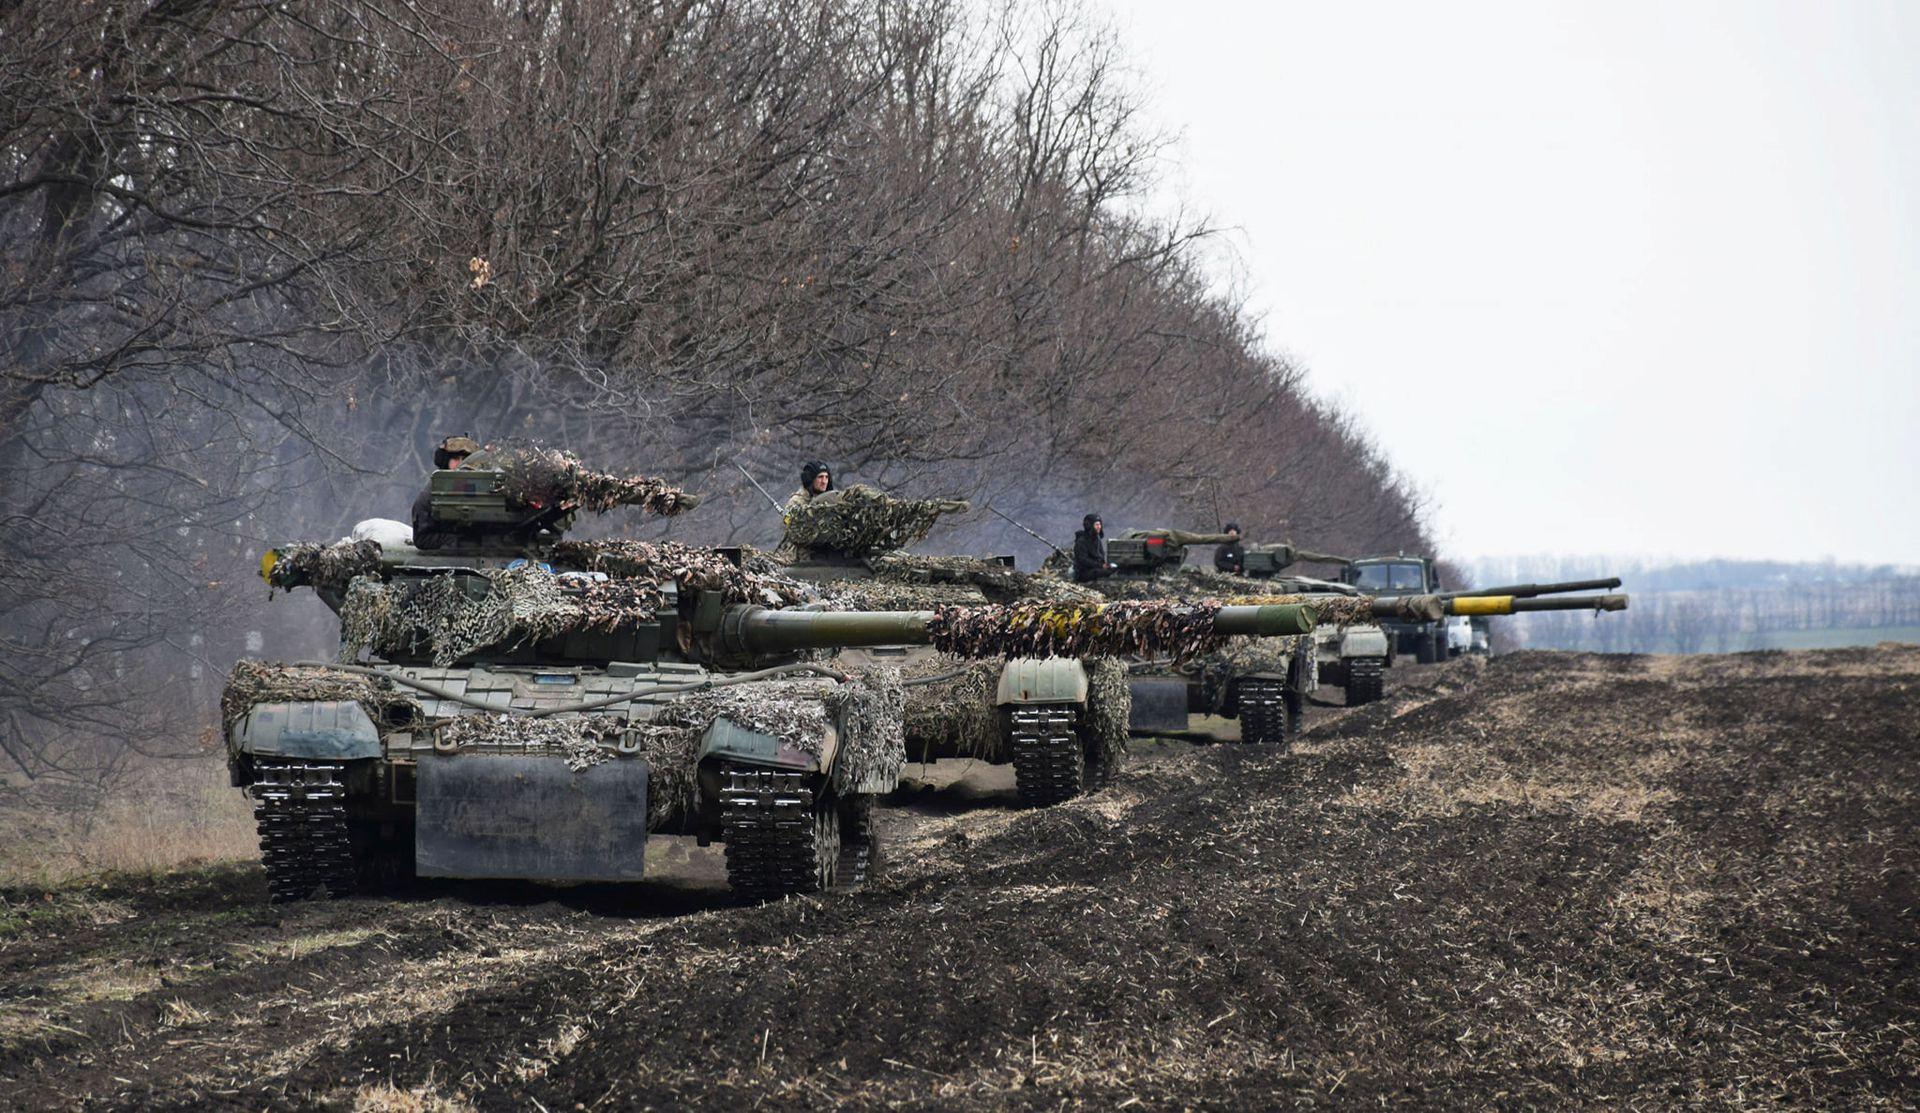 十五万大军逼近边境 乌克兰战事转入荒诞剧情